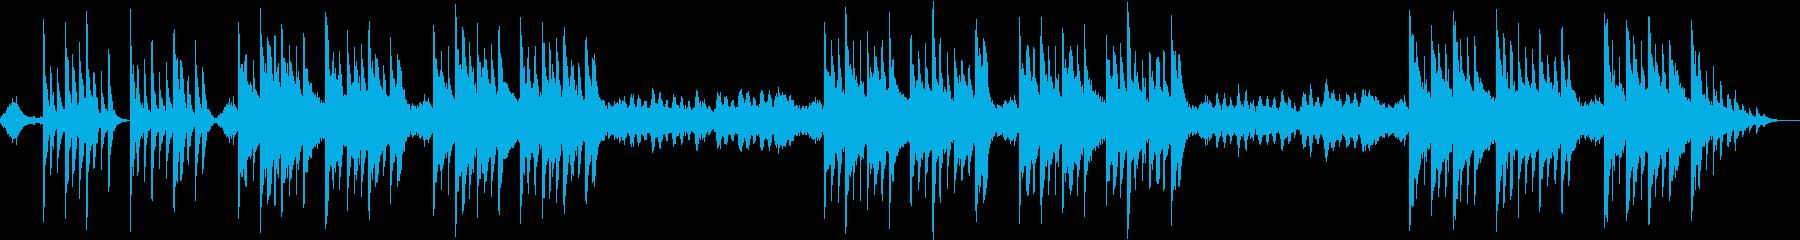 優しく奏で続けられるヒーリング音楽の再生済みの波形